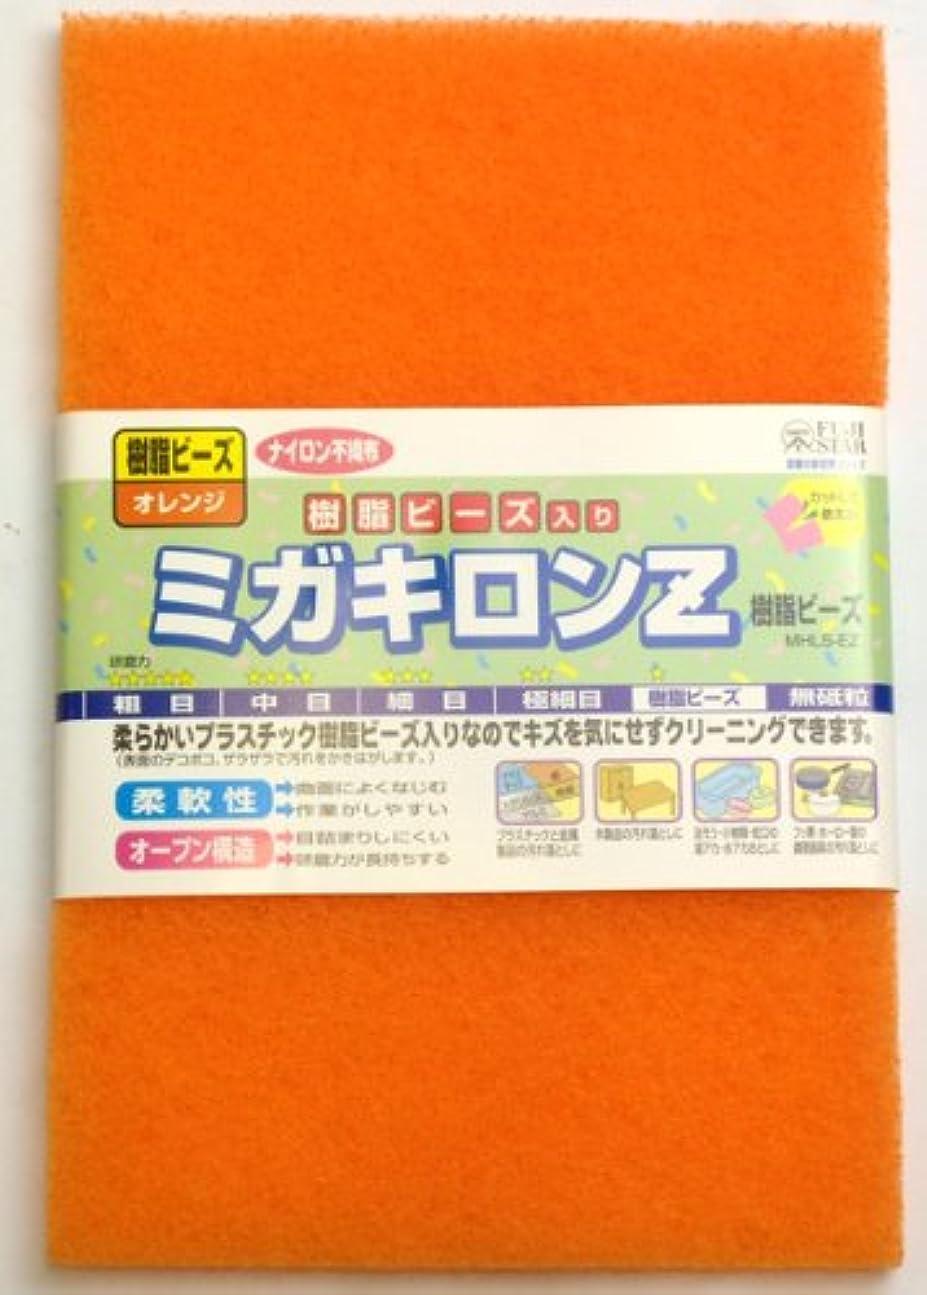 タクトスクランブル味FS ミガキロンZ樹脂ビーズ120個お得セット